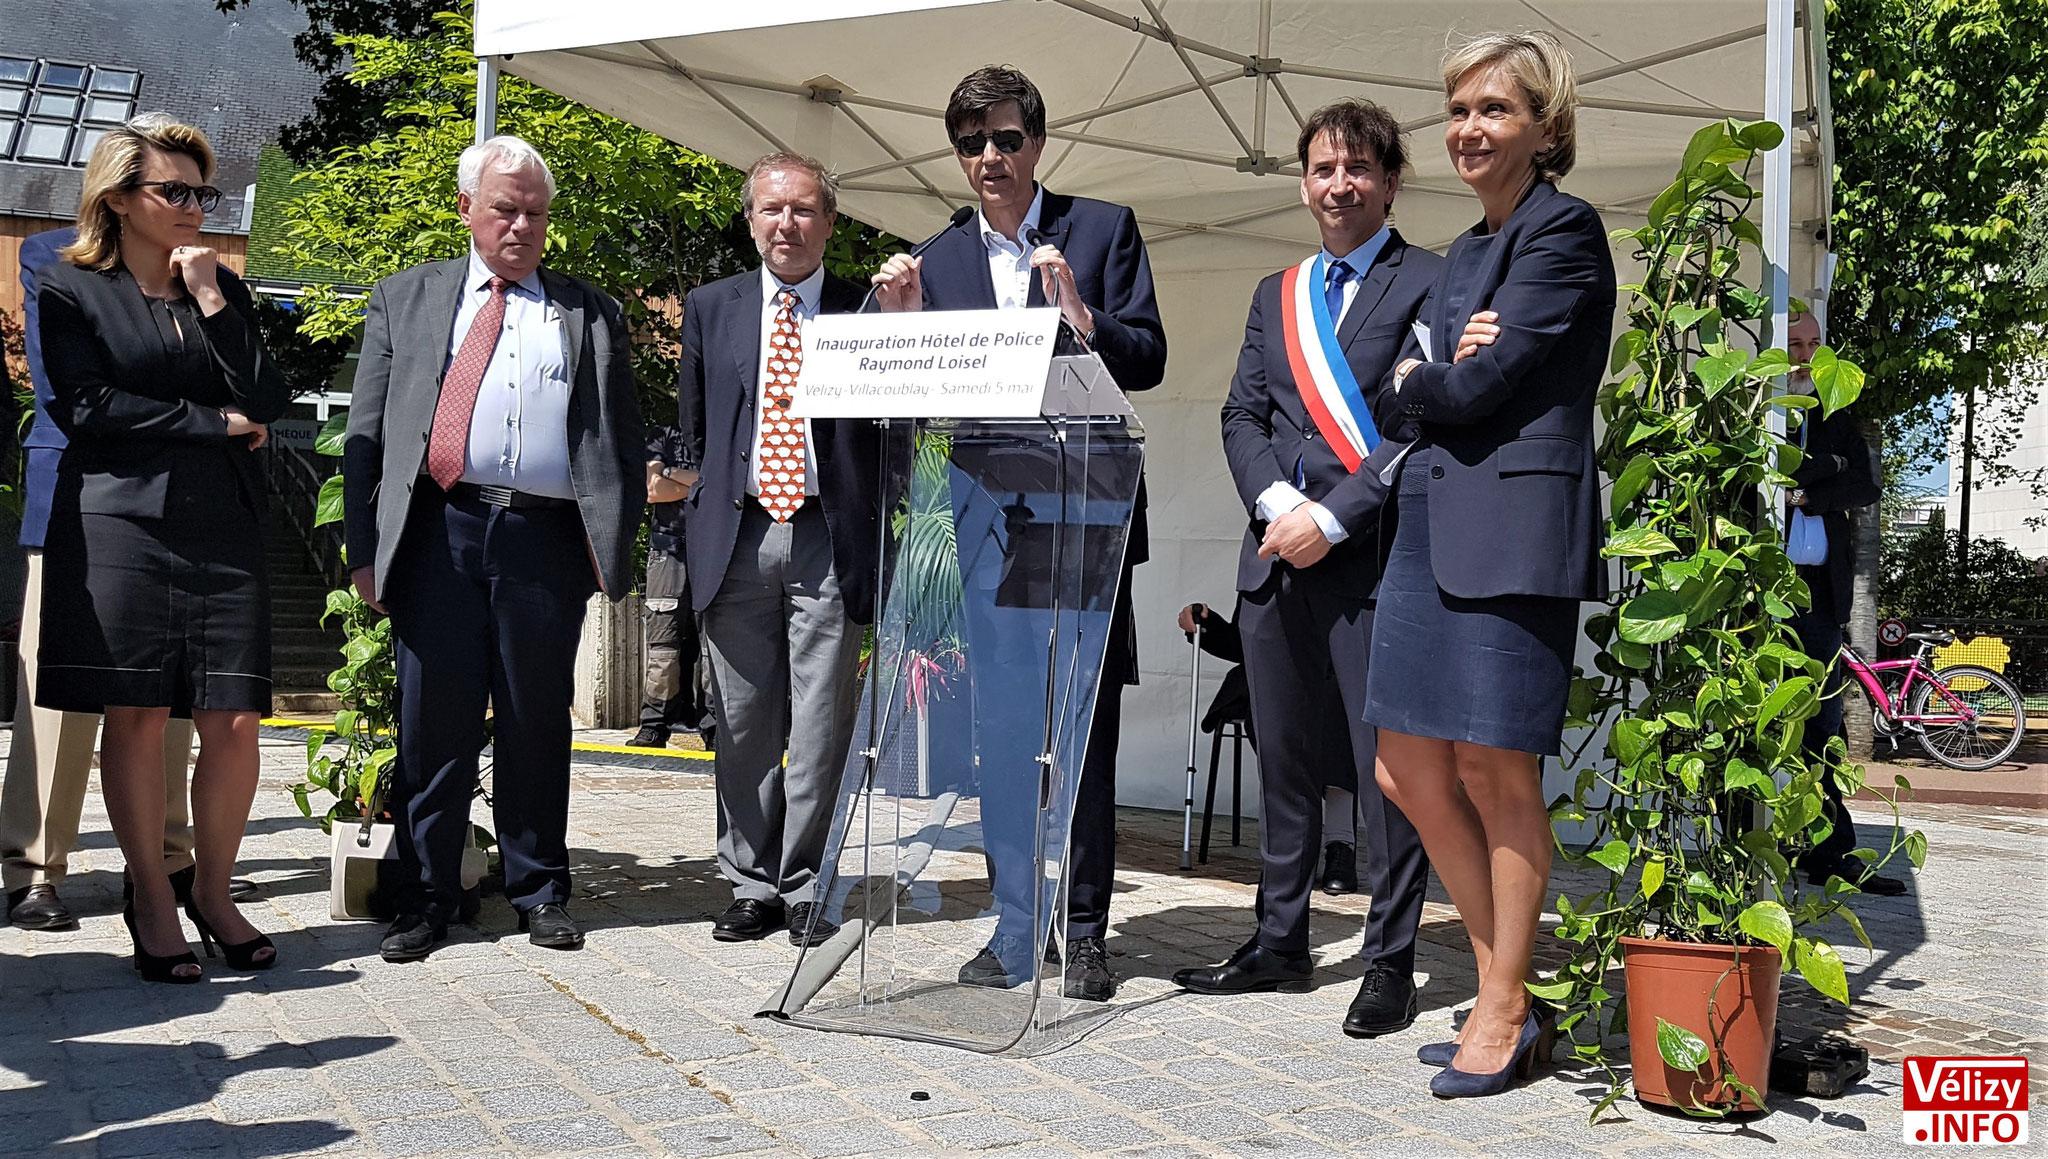 Prise de parole de François de Mazières, maire de Versailles et président de la communauté d'agglomération Versailles Grand Parc.